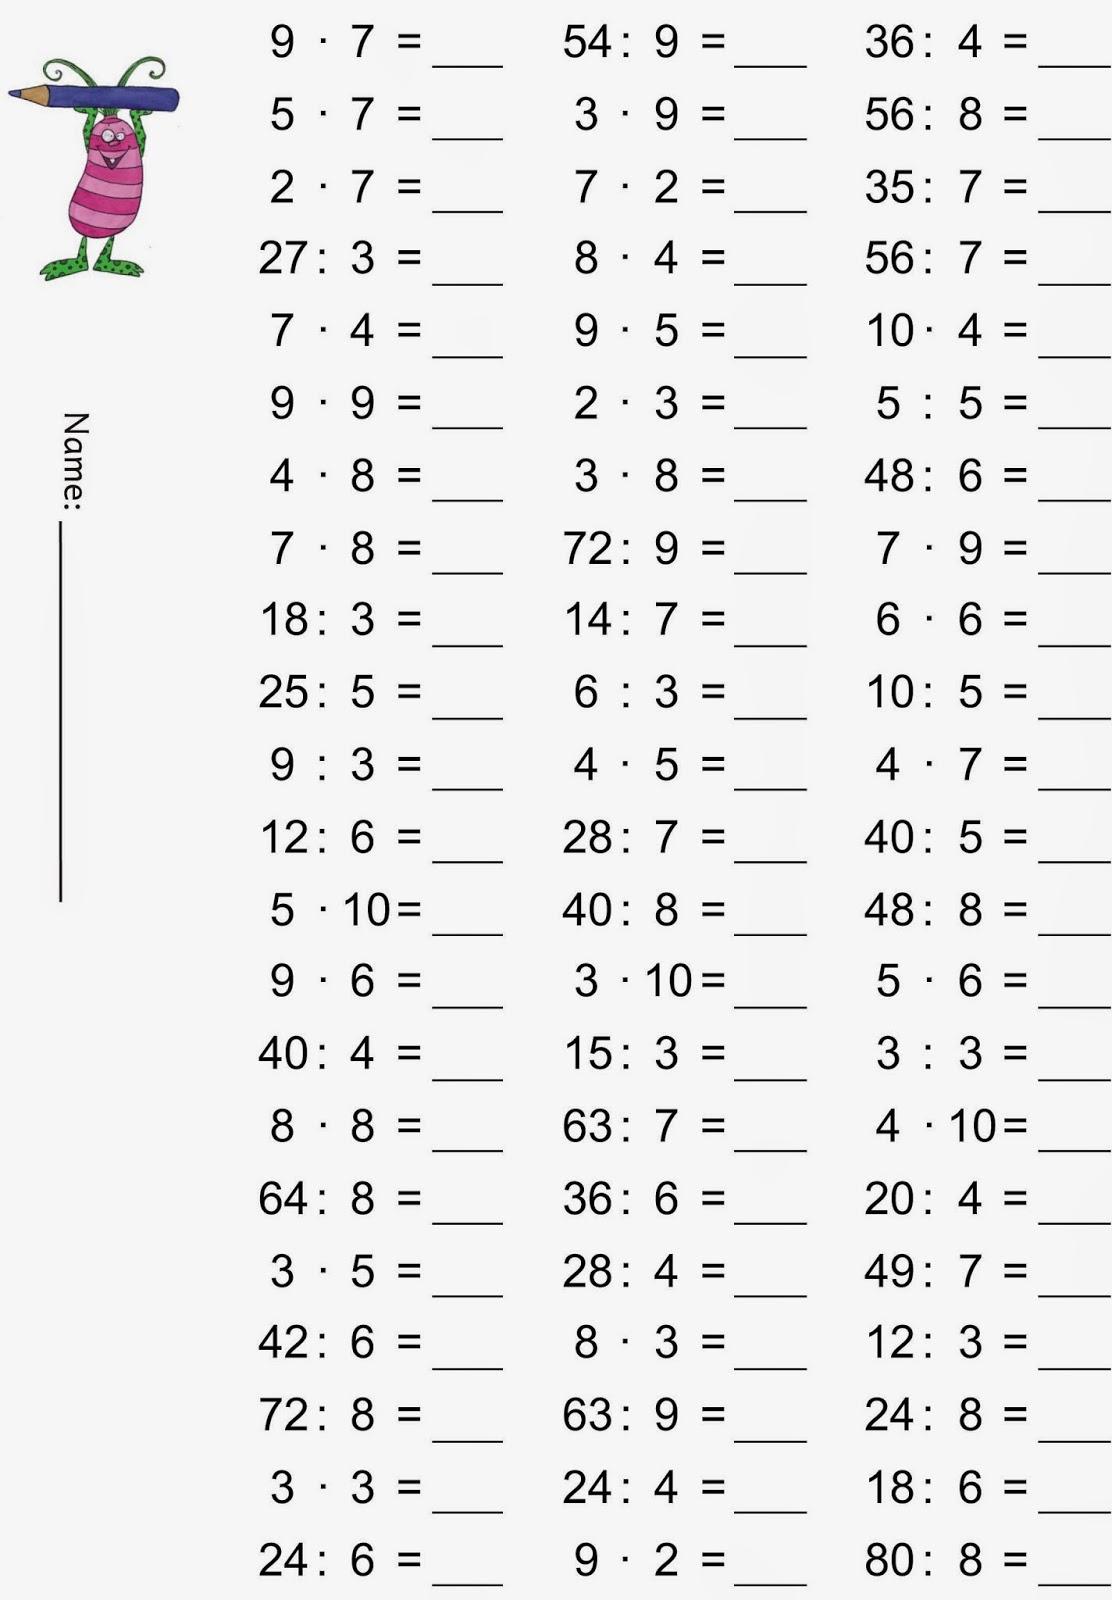 Lernstübchen: Einmaleins - Gemischte Übungsaufgaben mit Mathematikaufgaben 1 Klasse Zum Ausdrucken